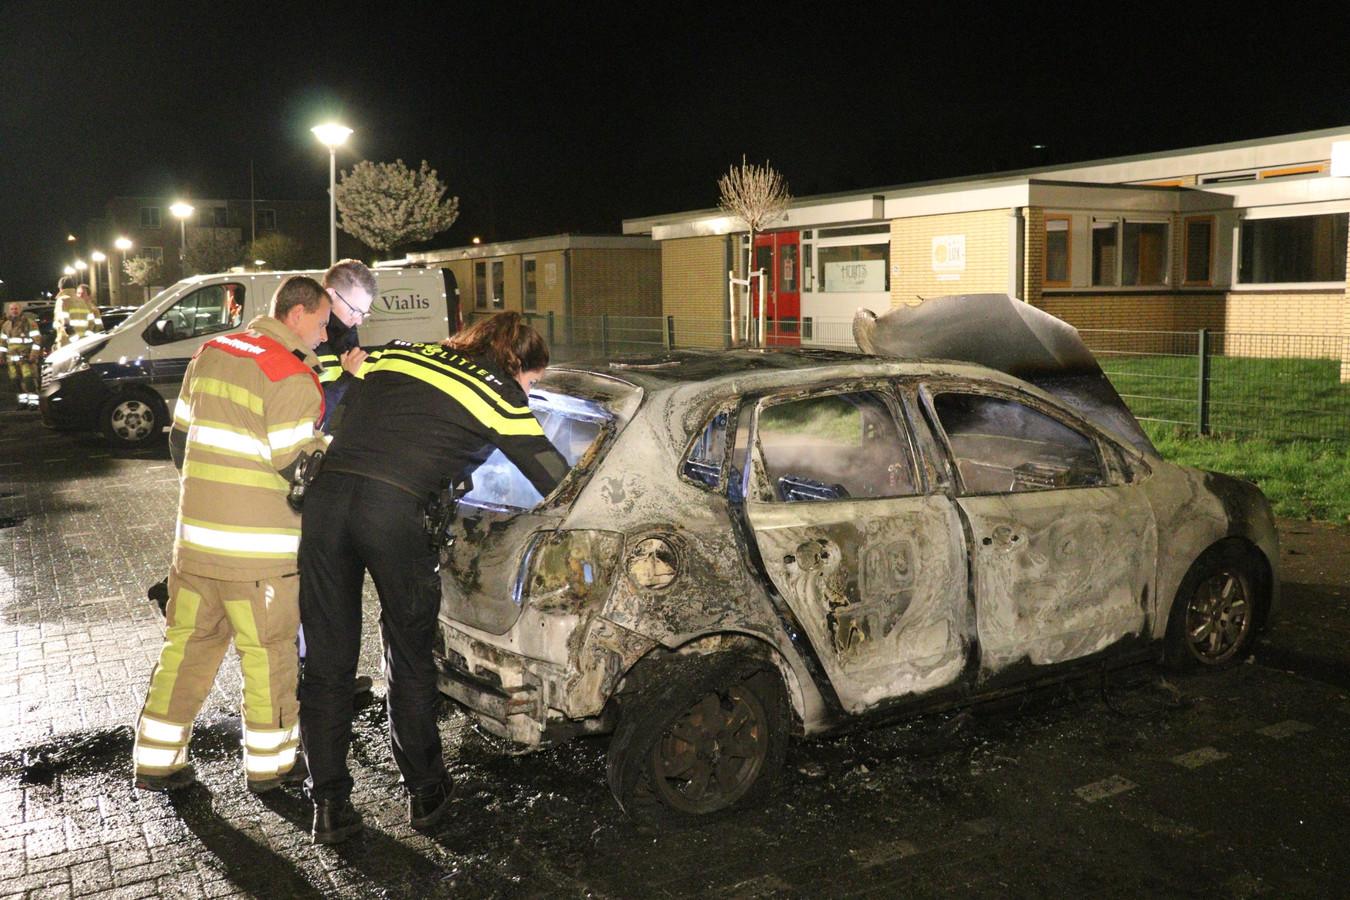 Autobrand in de Utrechtse wijk Zuilen, waarbij agenten onderzoek doen nadat de brandweer heeft geblust.